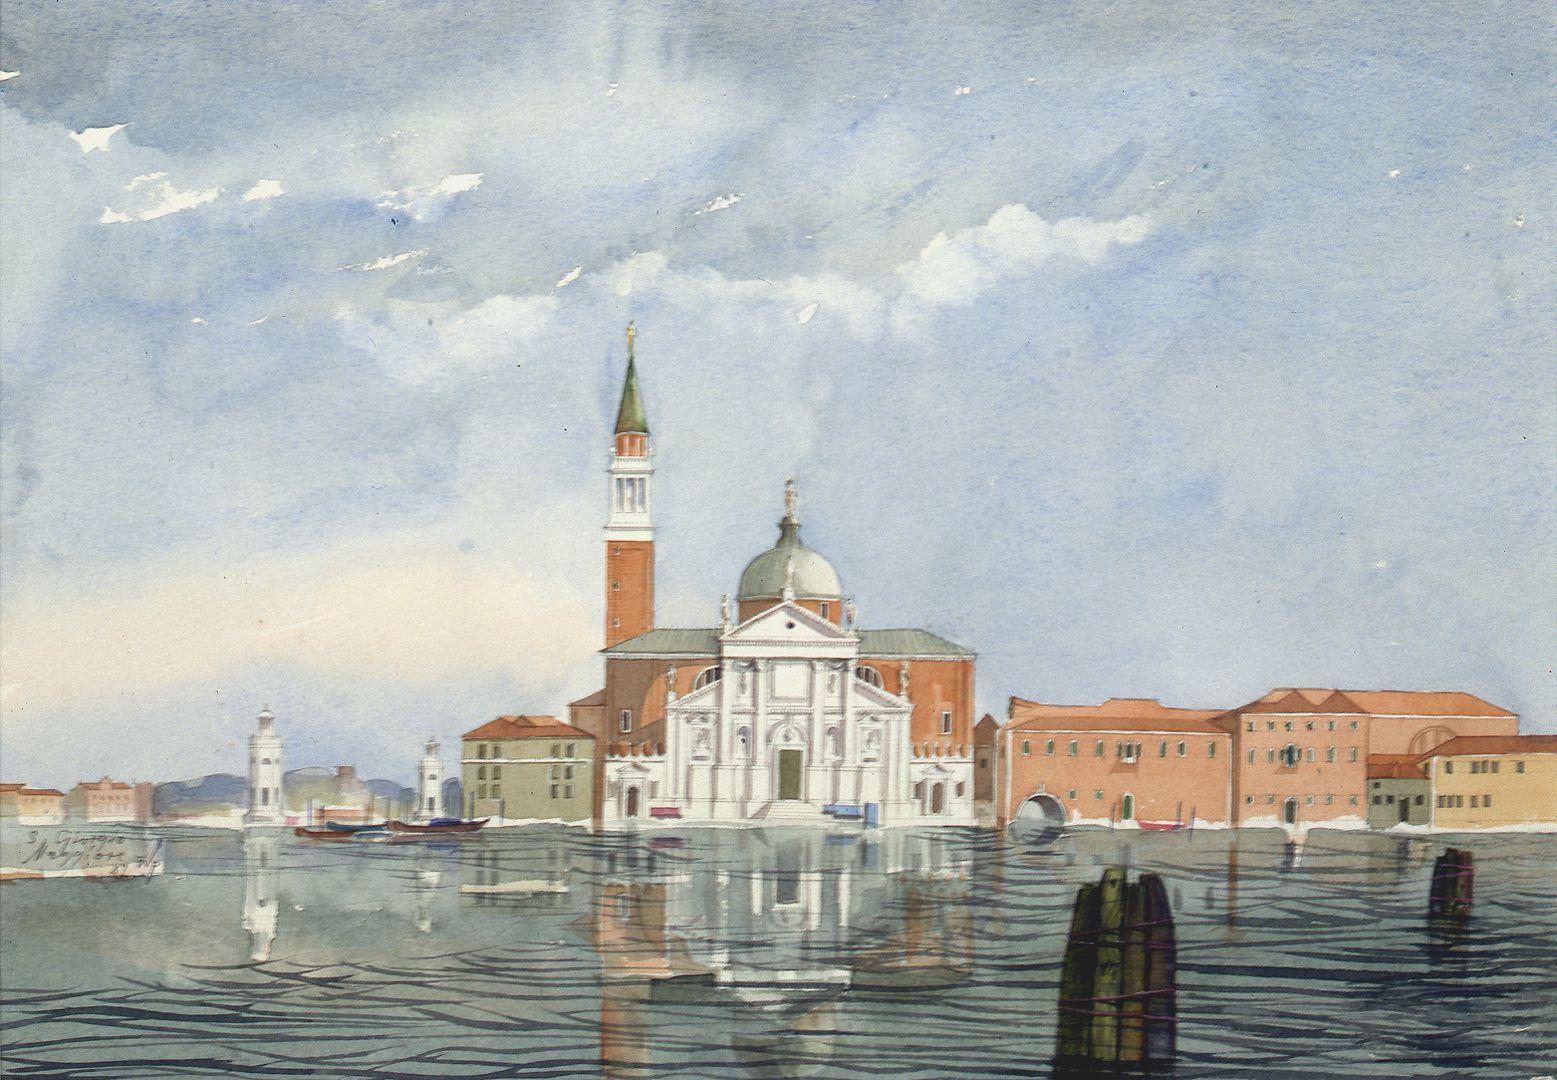 San Giorgio Maggiore (Venedig) Ufersituation mit Kirchenbau von Andrea Palladio, links Hafeneinfahrt der Insel